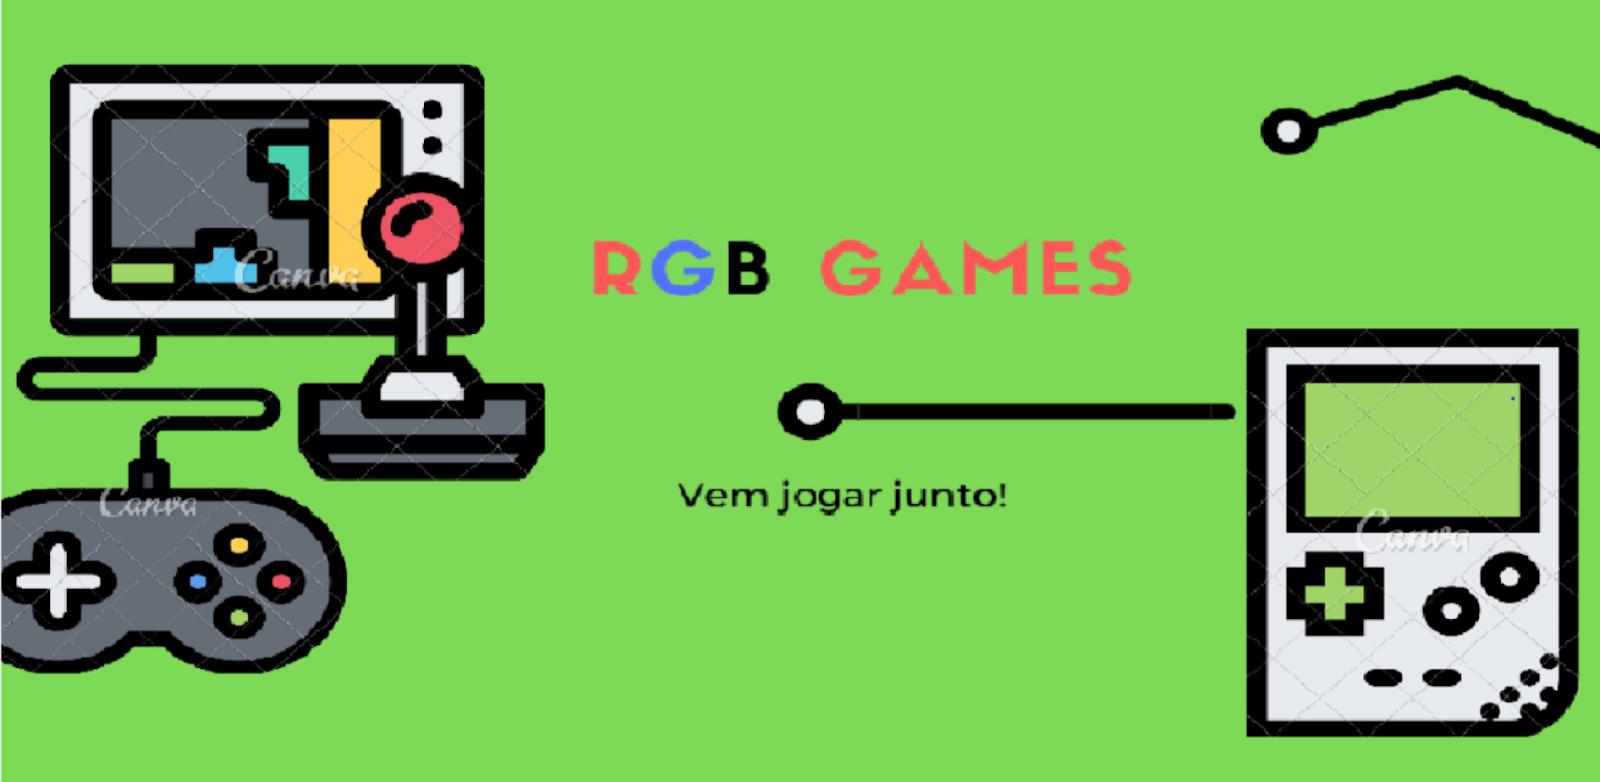 RGB Games